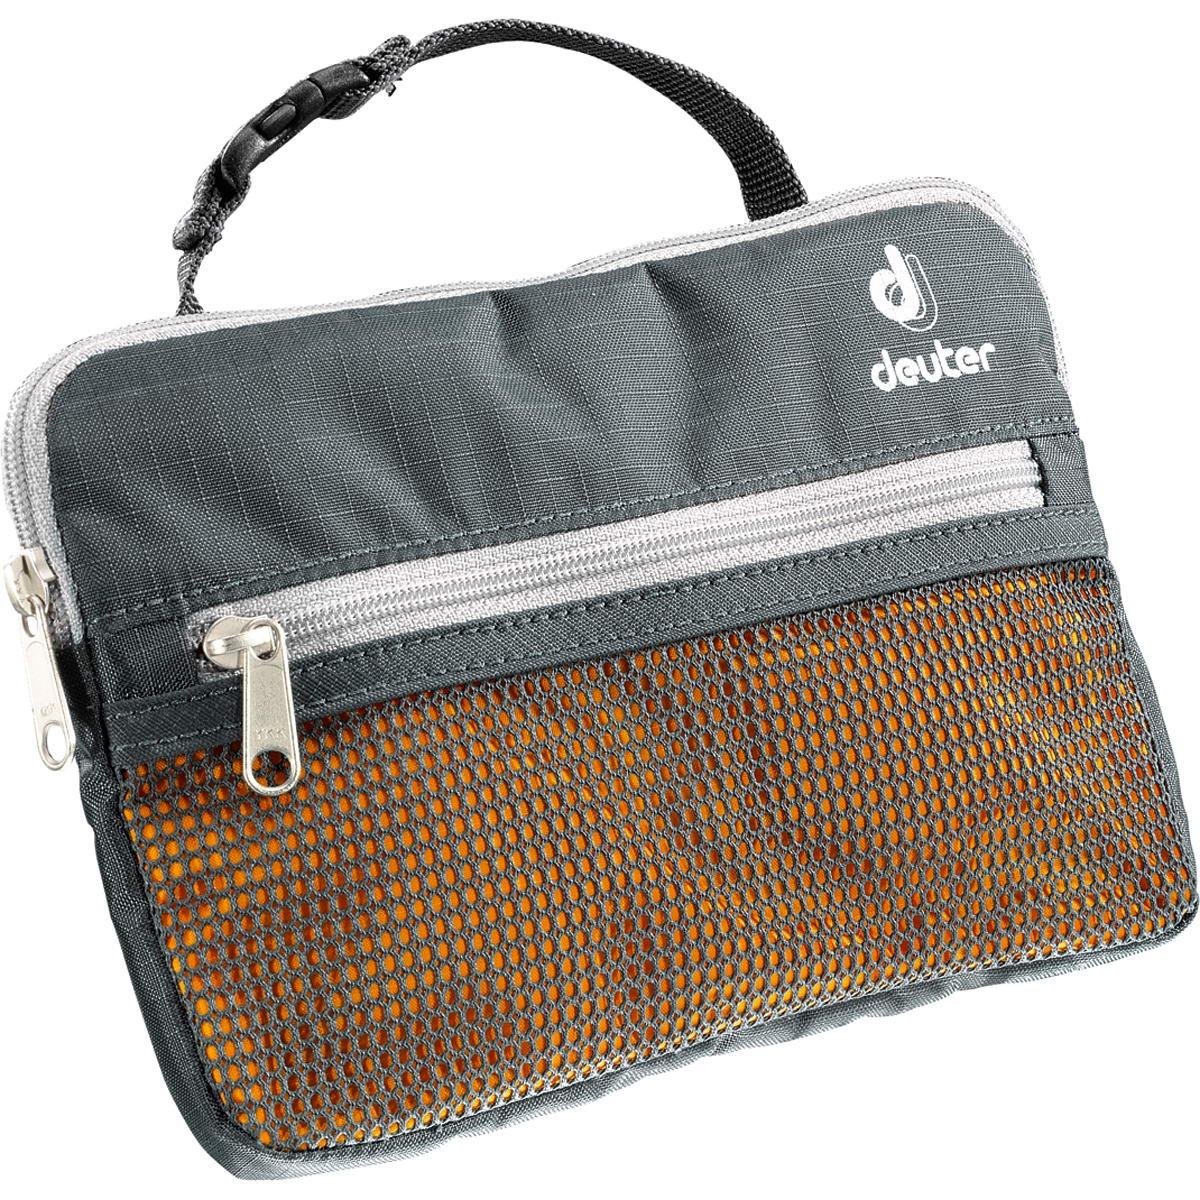 Deuter - Wash Bag Lite granite - Sponge Bags -